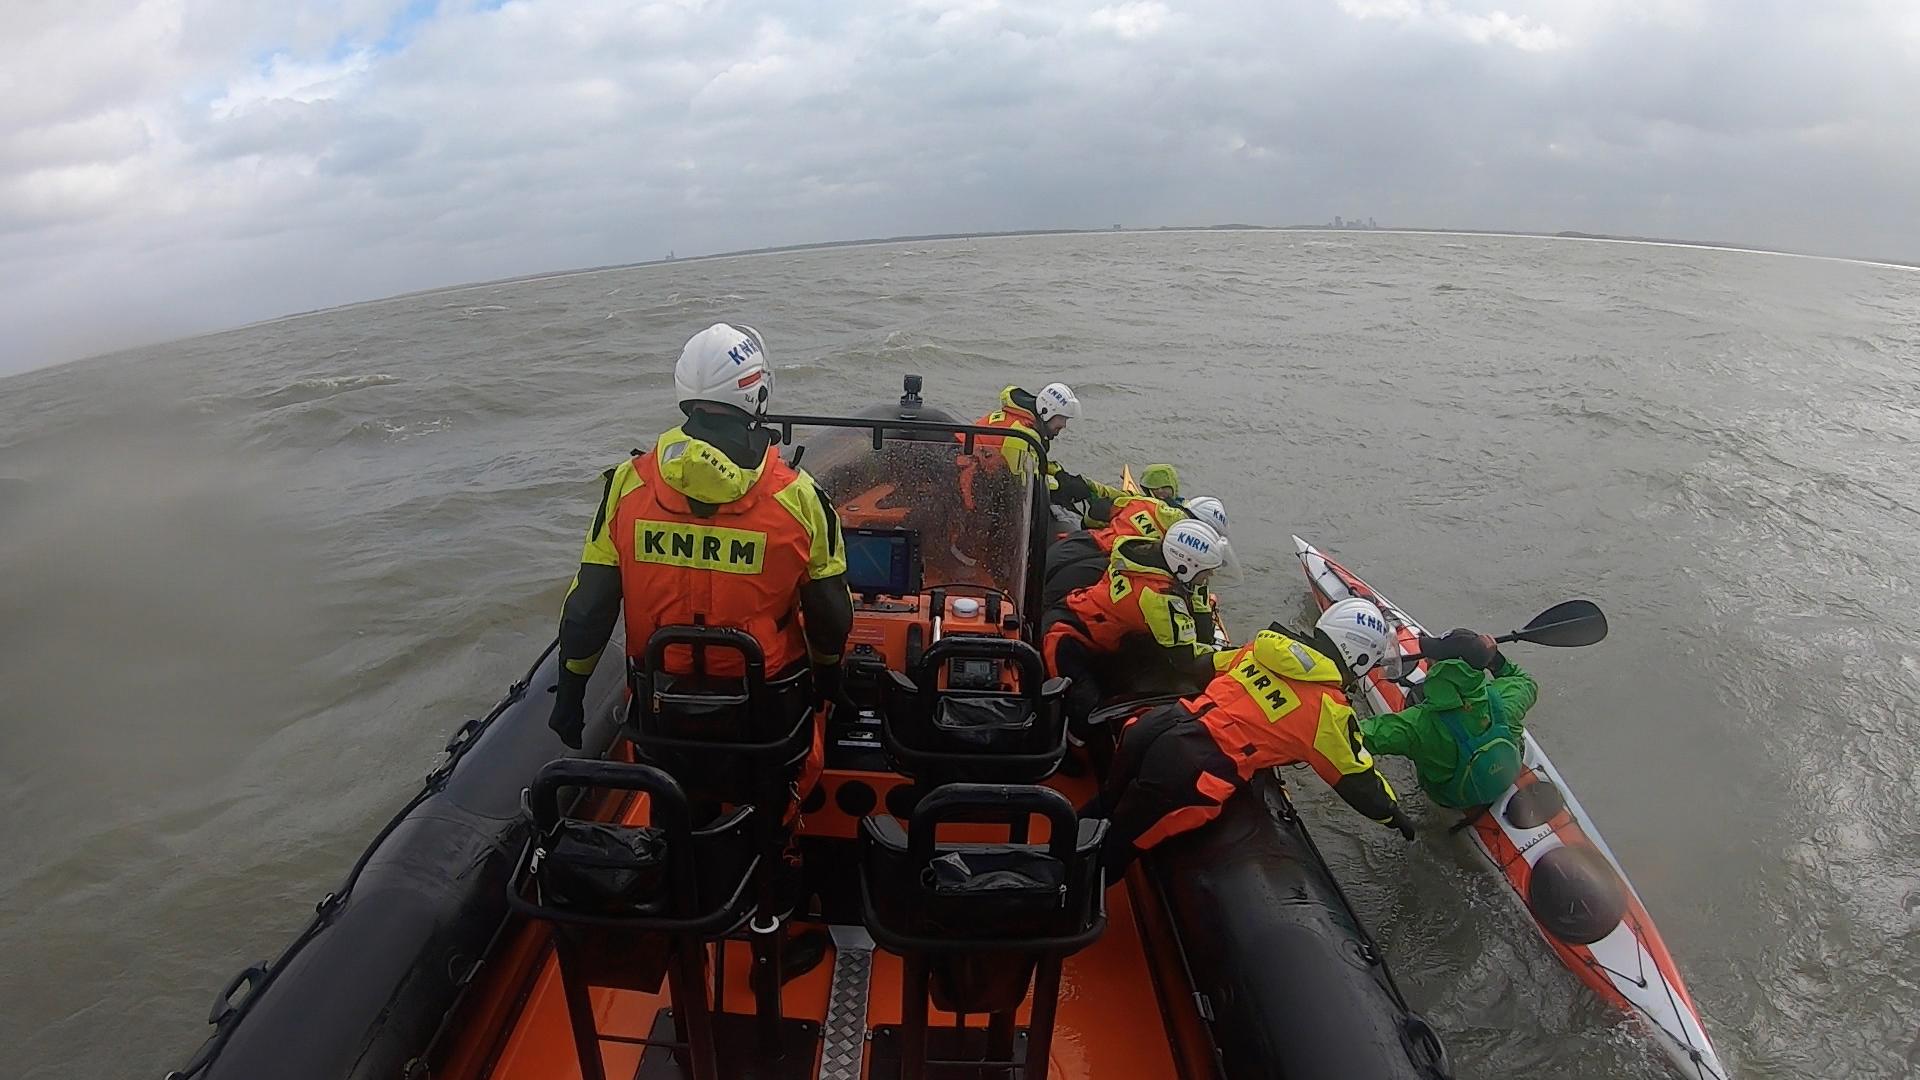 KNRM Blaricum redt drie kanoërs die op het IJmeer in problemen waren geraakt; binnenvaartschipper vindt afgedreven kanoër kilometer verderop